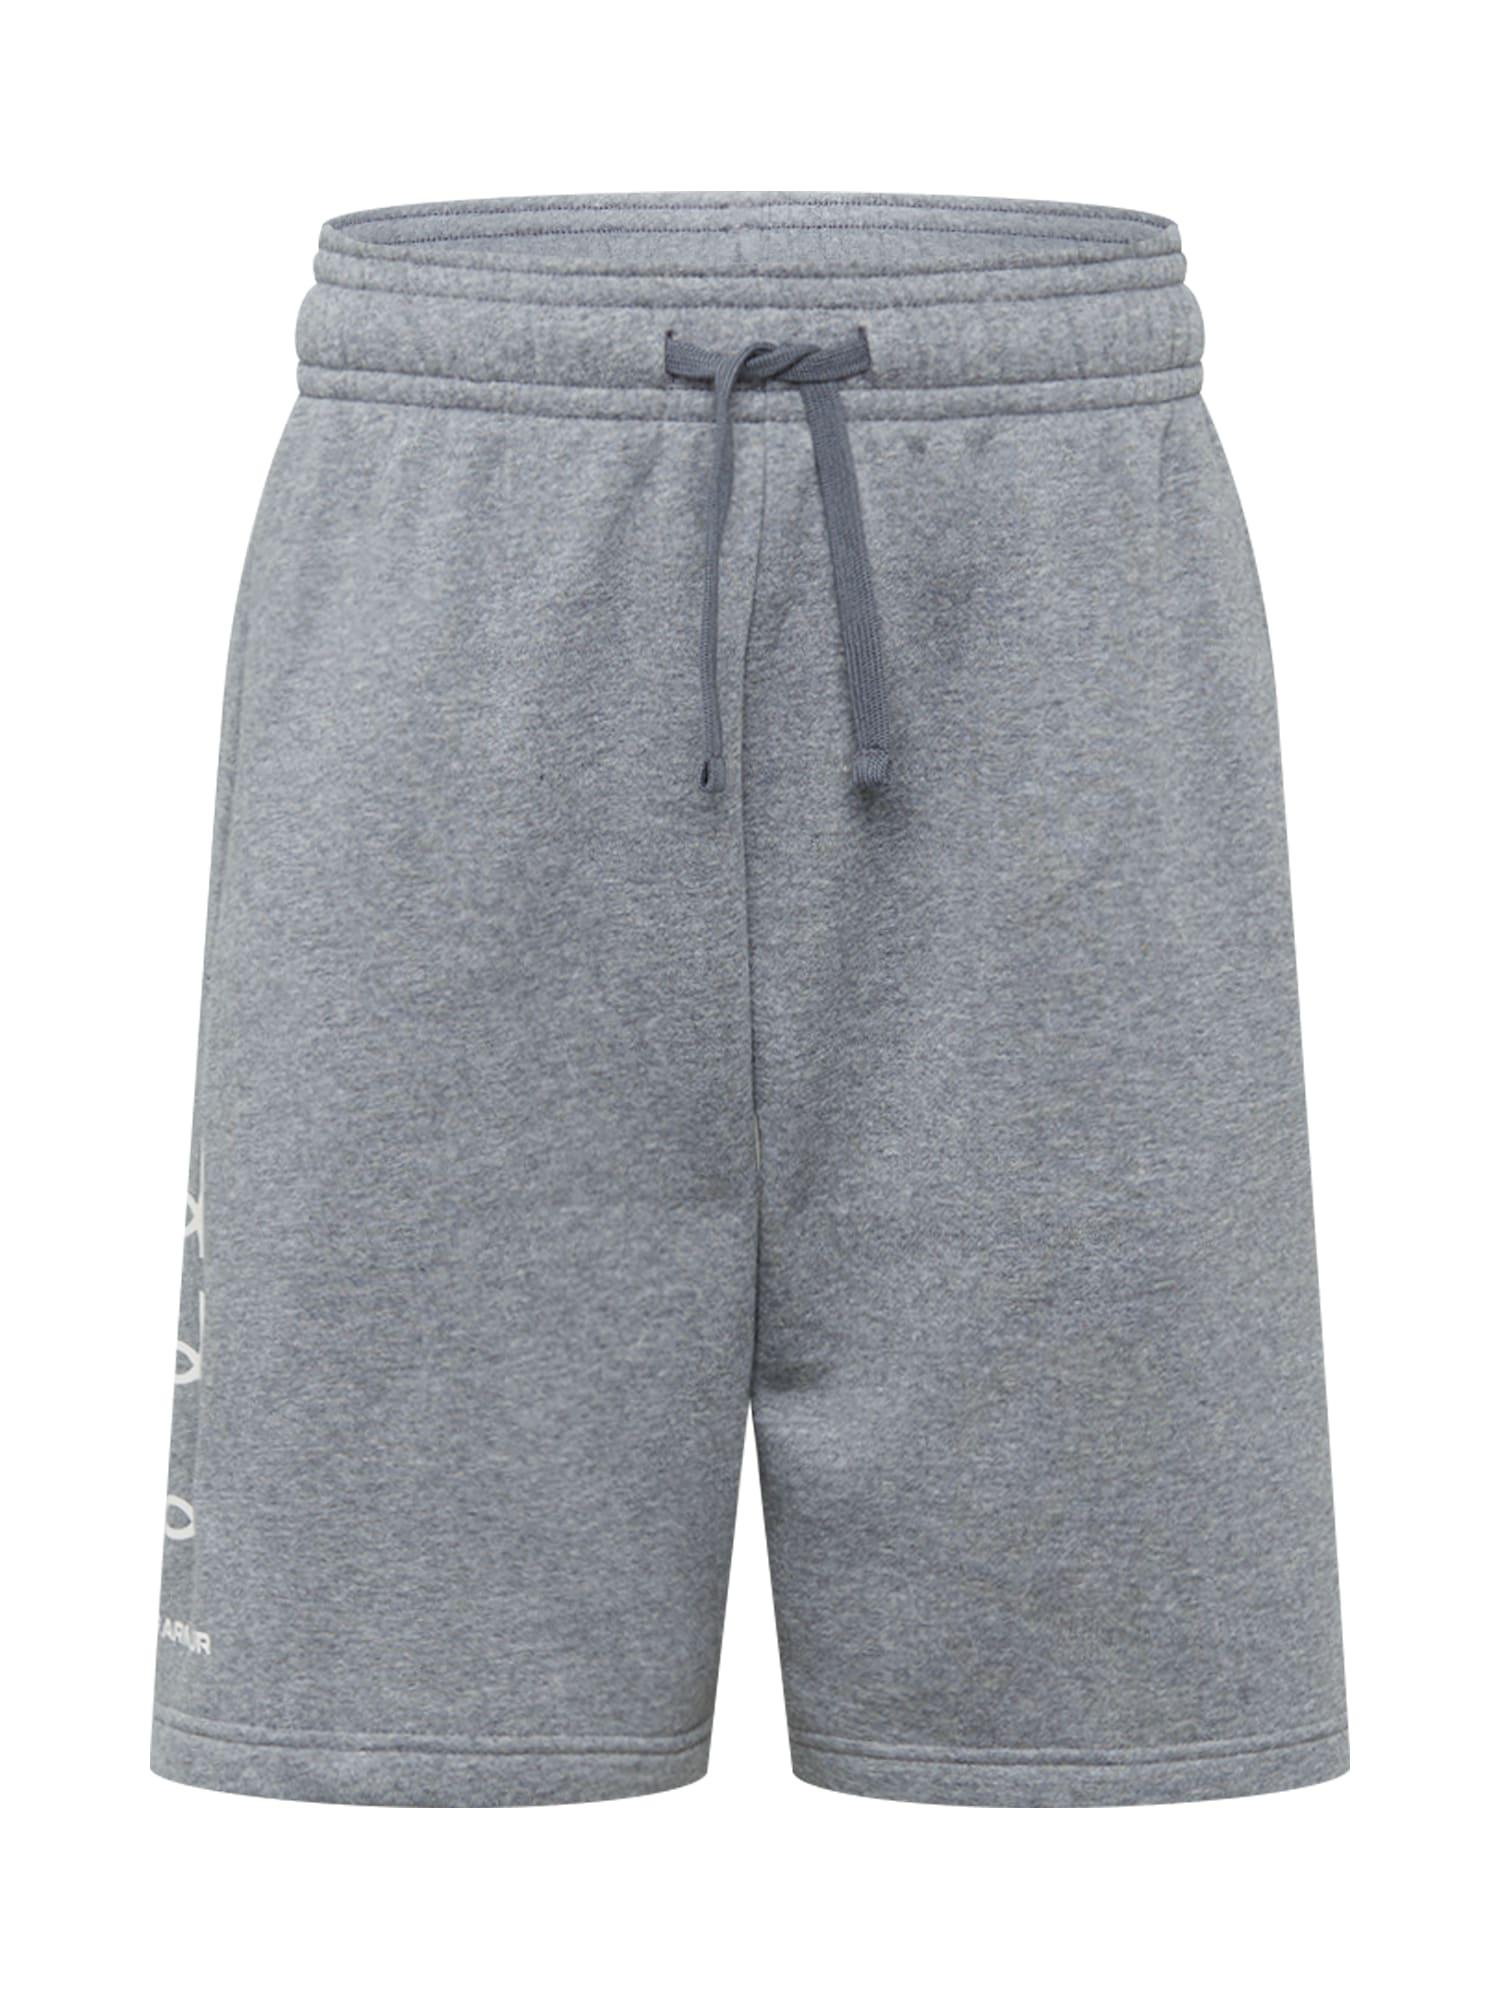 UNDER ARMOUR Sportinės kelnės